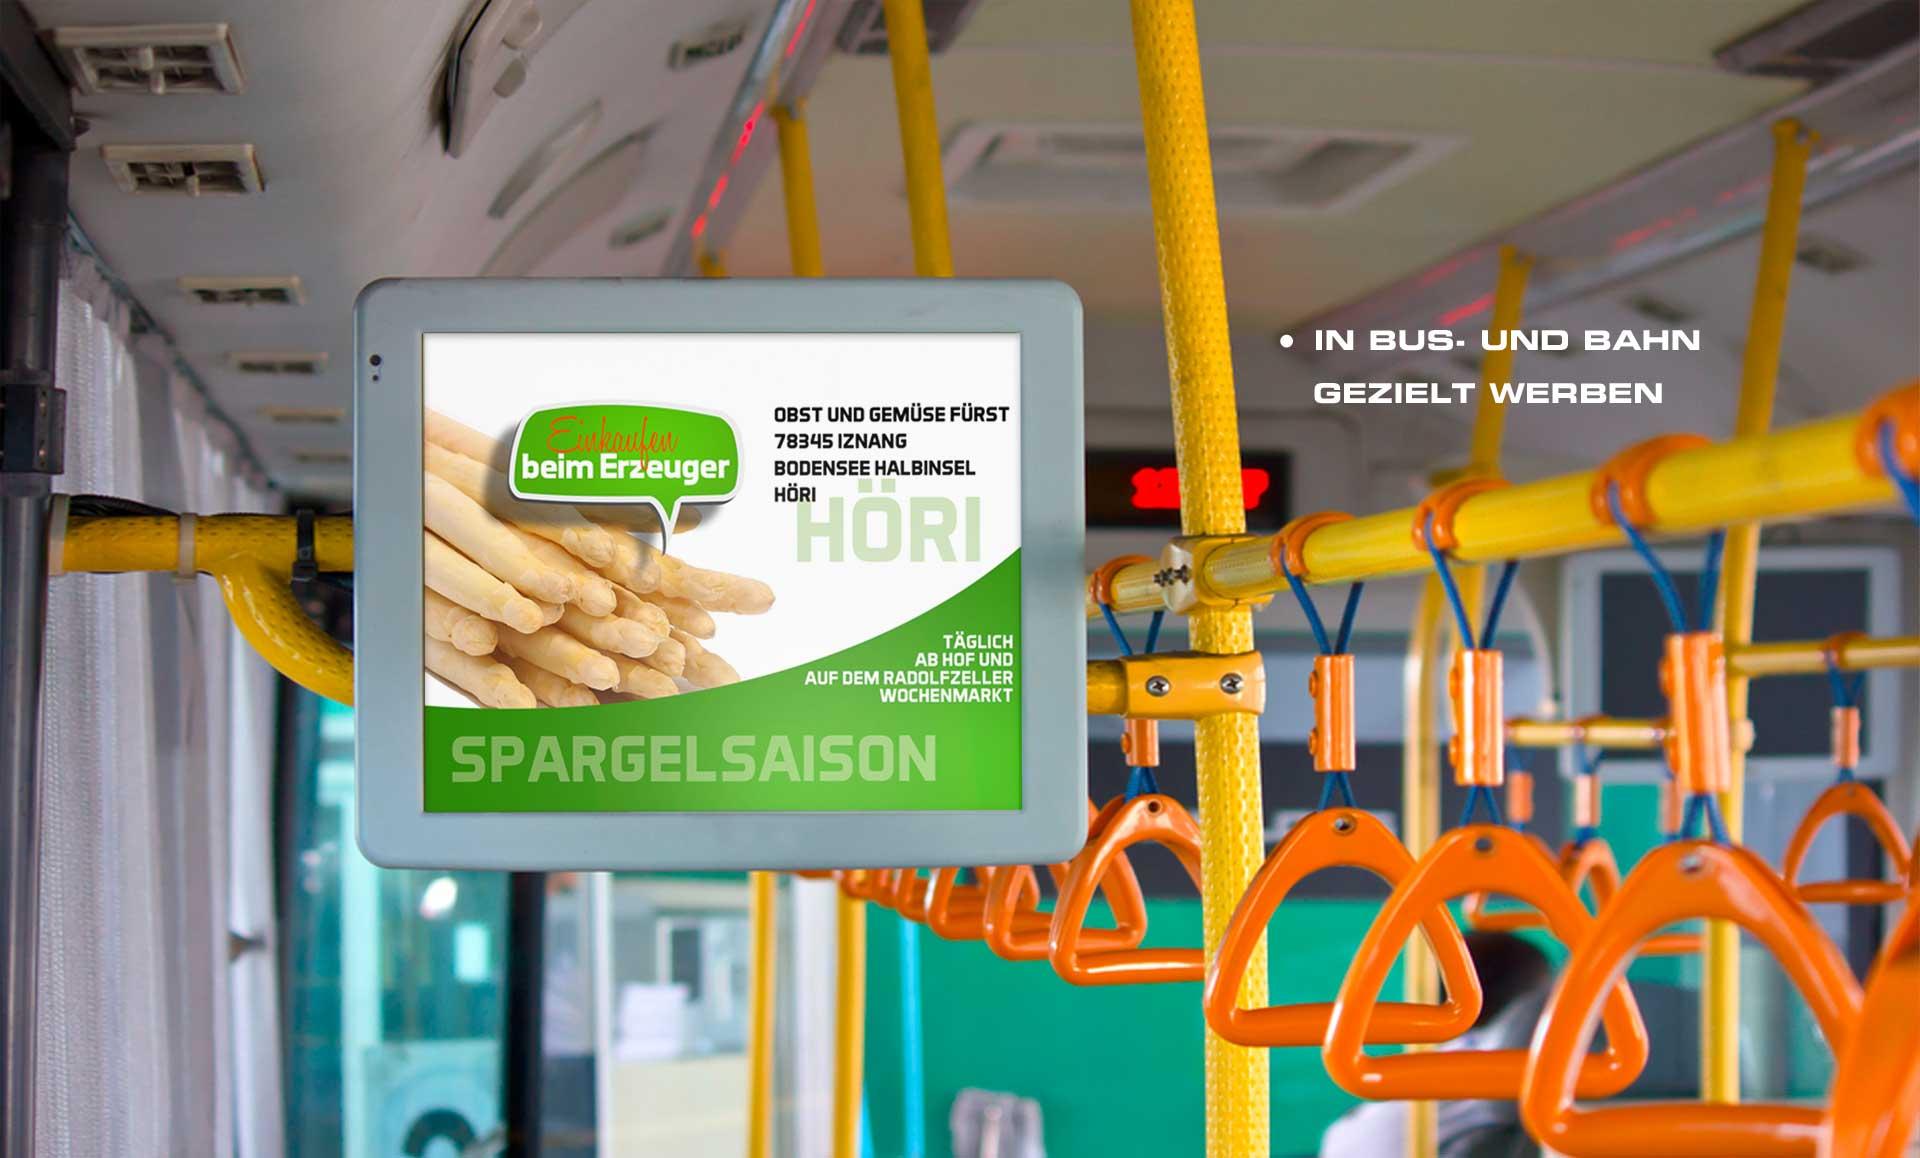 Buswerbung für Obst und Gemüse